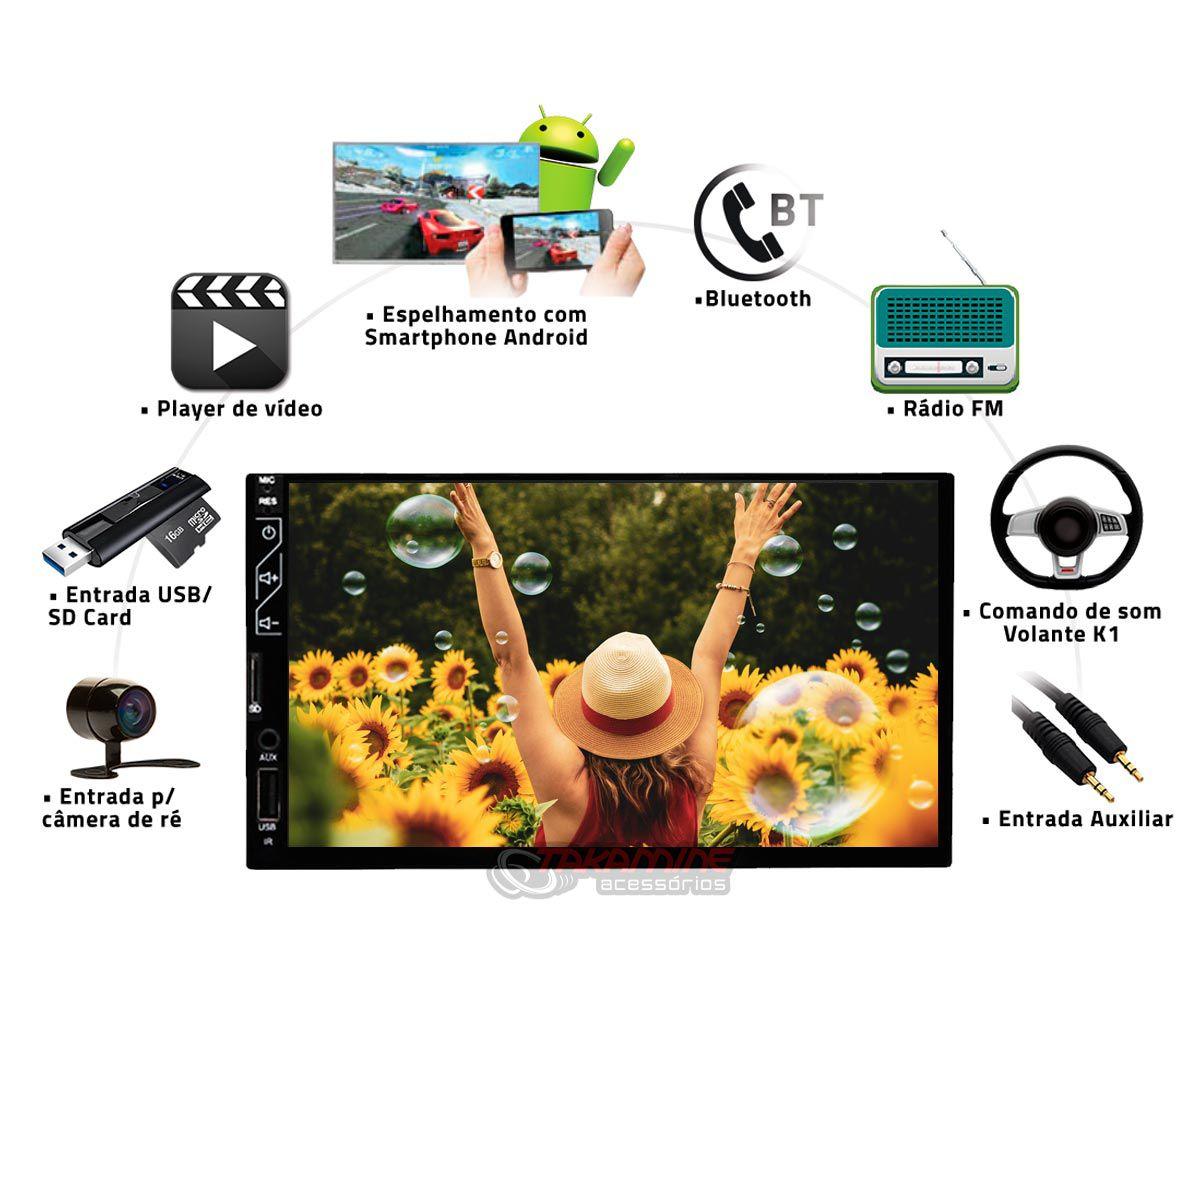 Aparelho 2 Din MP5 com Bluetooth, espelhamento celular Android e IOS, entrada USB